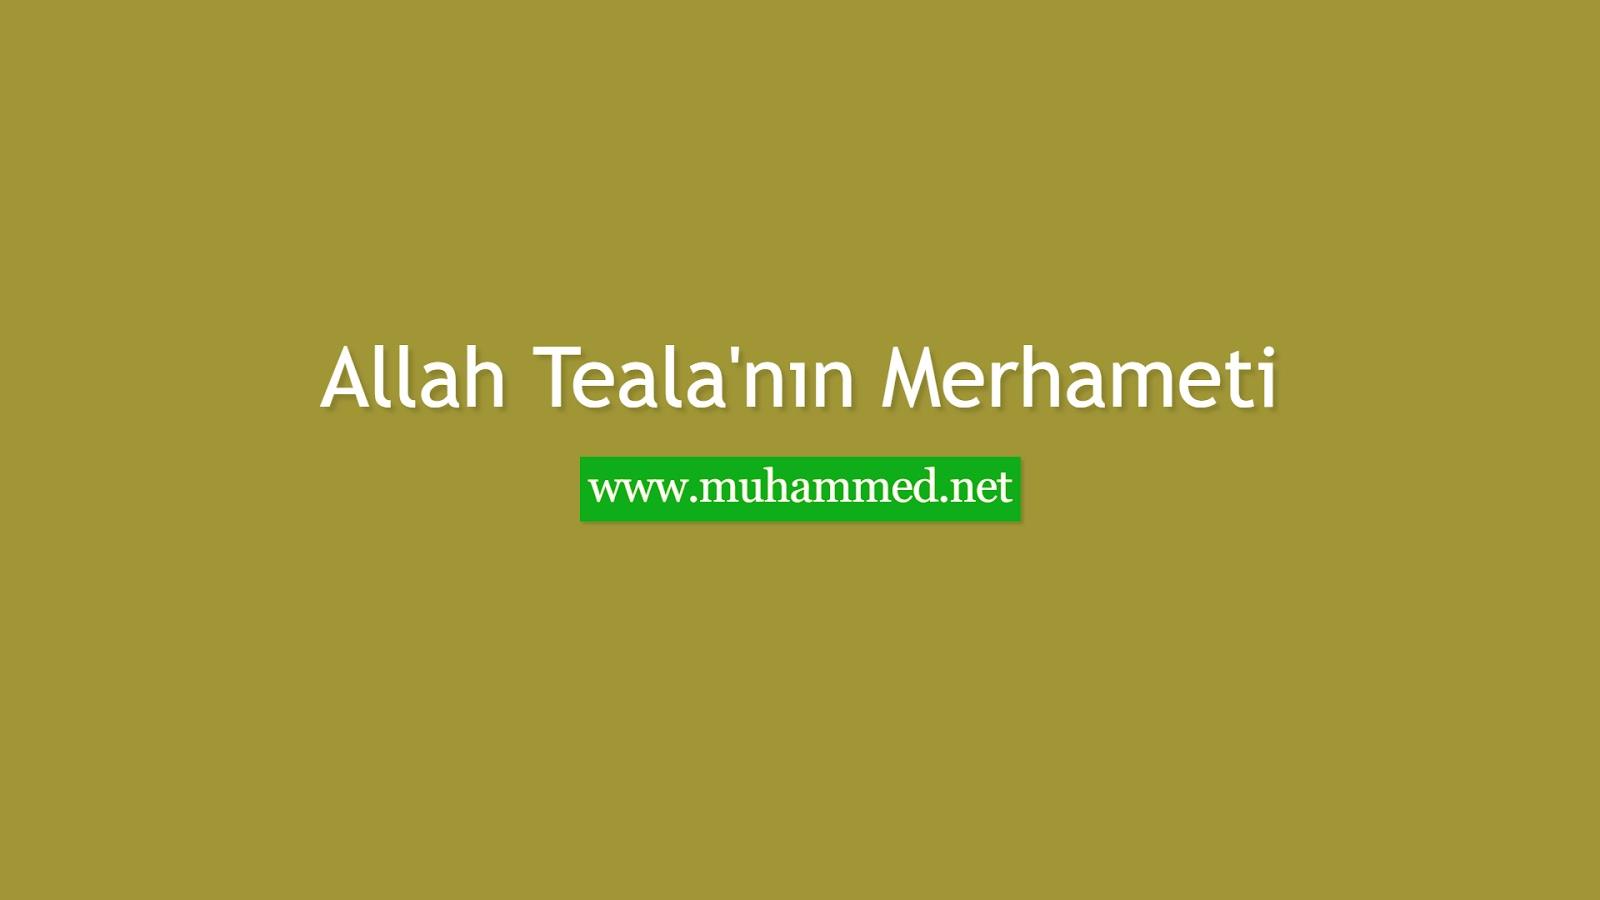 Allah Teala'nın Merhameti